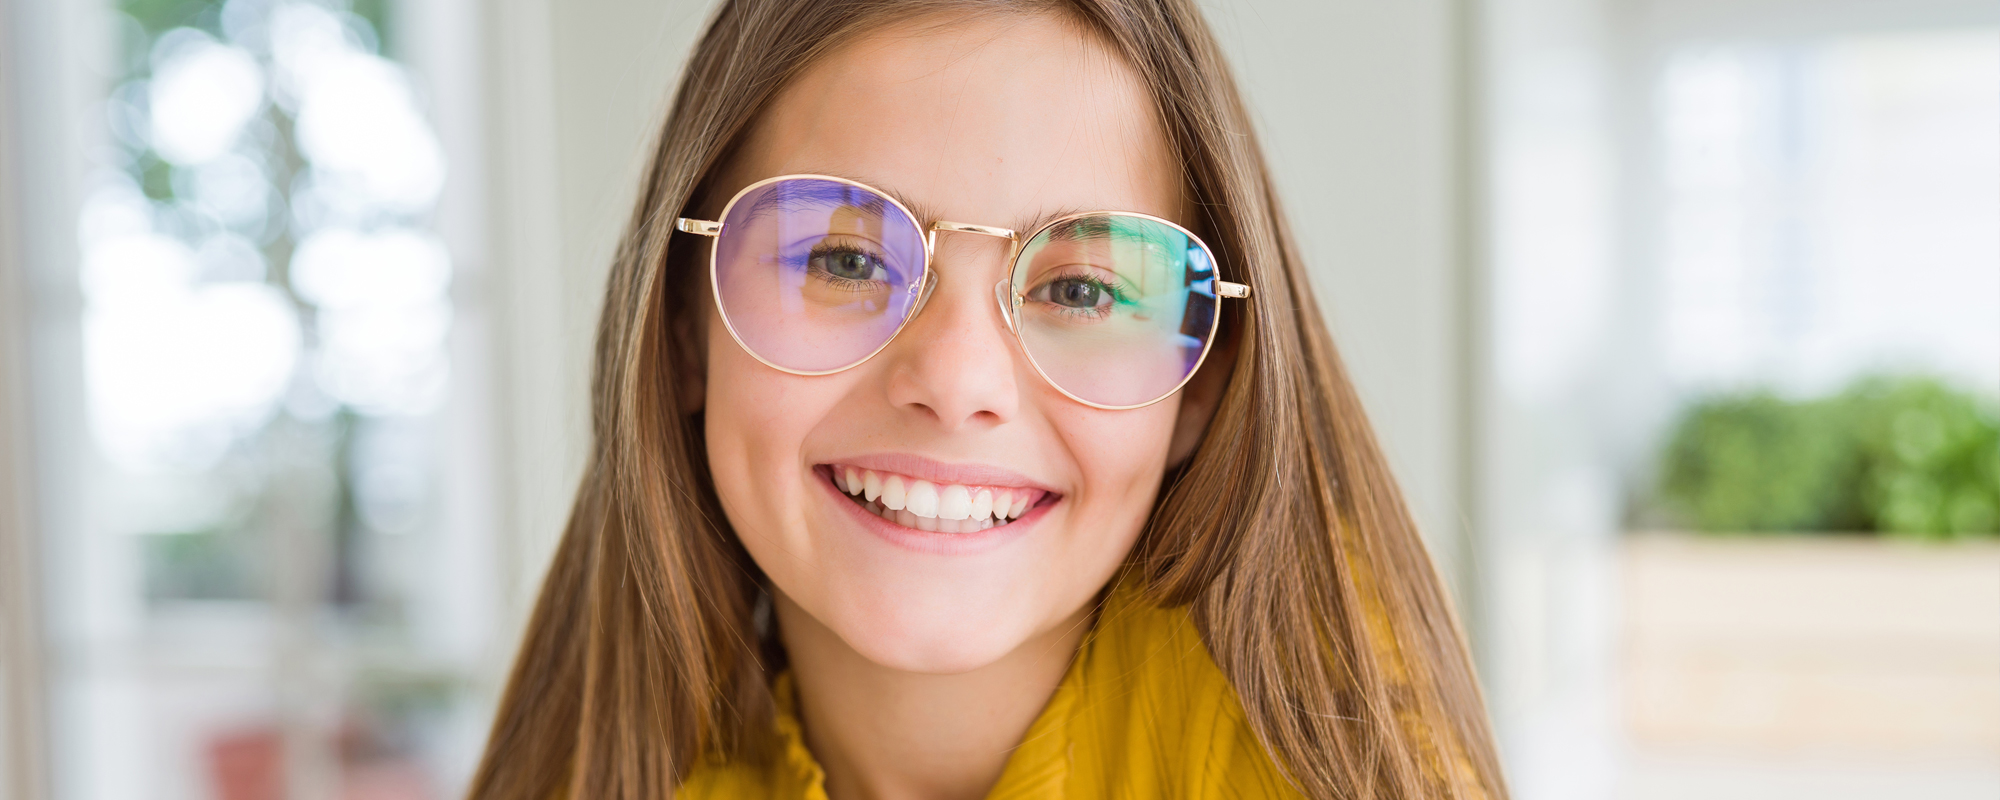 Glasögon på flicka - Ögonexperten